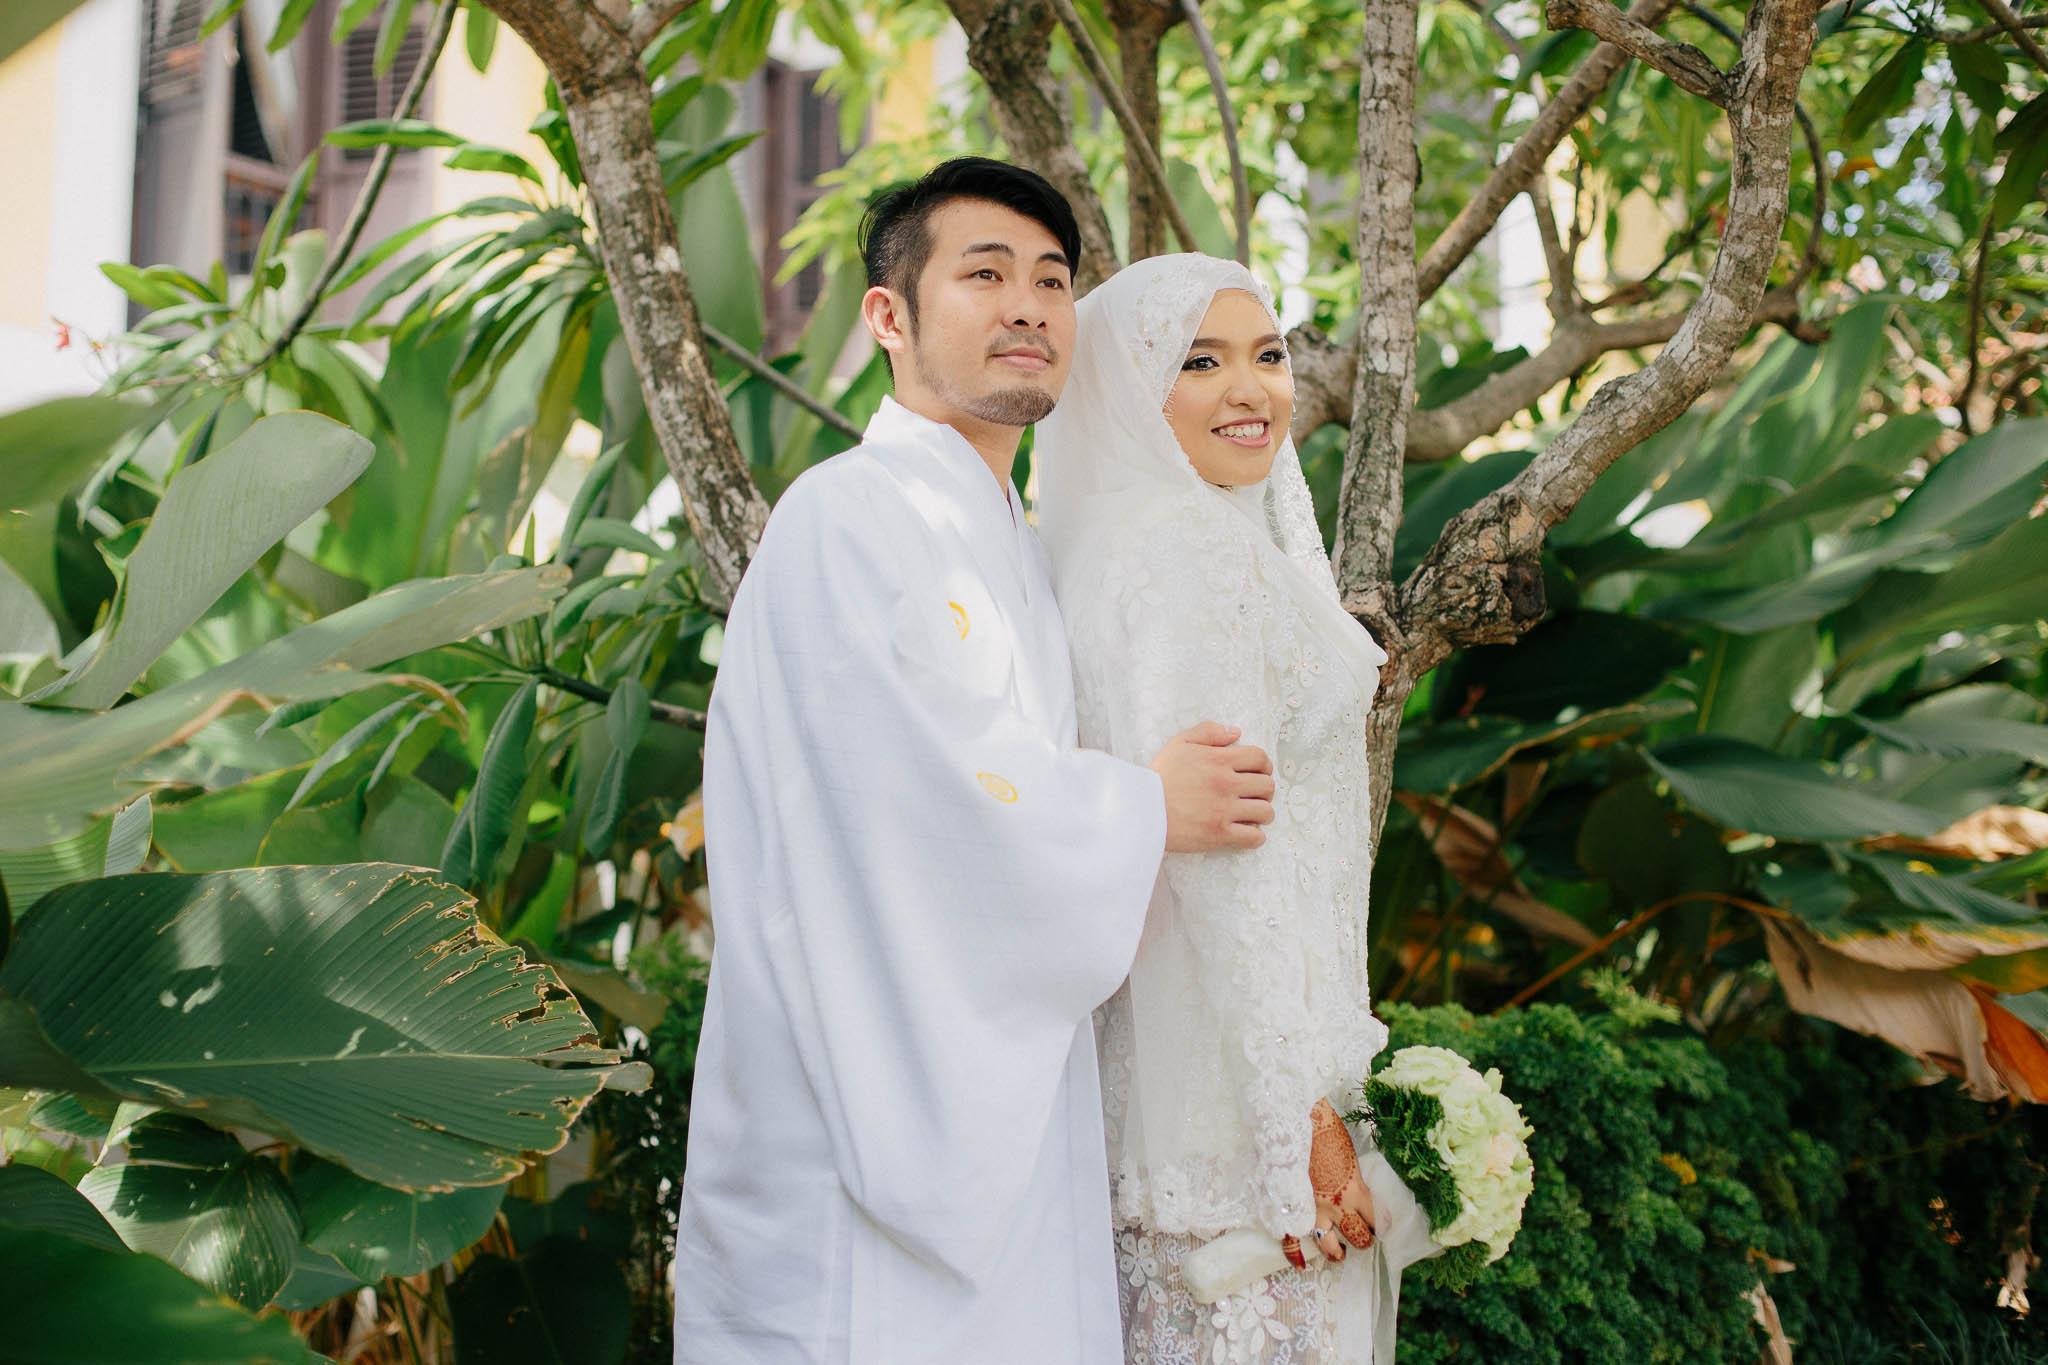 singapore-wedding-photographer-travel-wemadethese-atara-hafizah-29.jpg